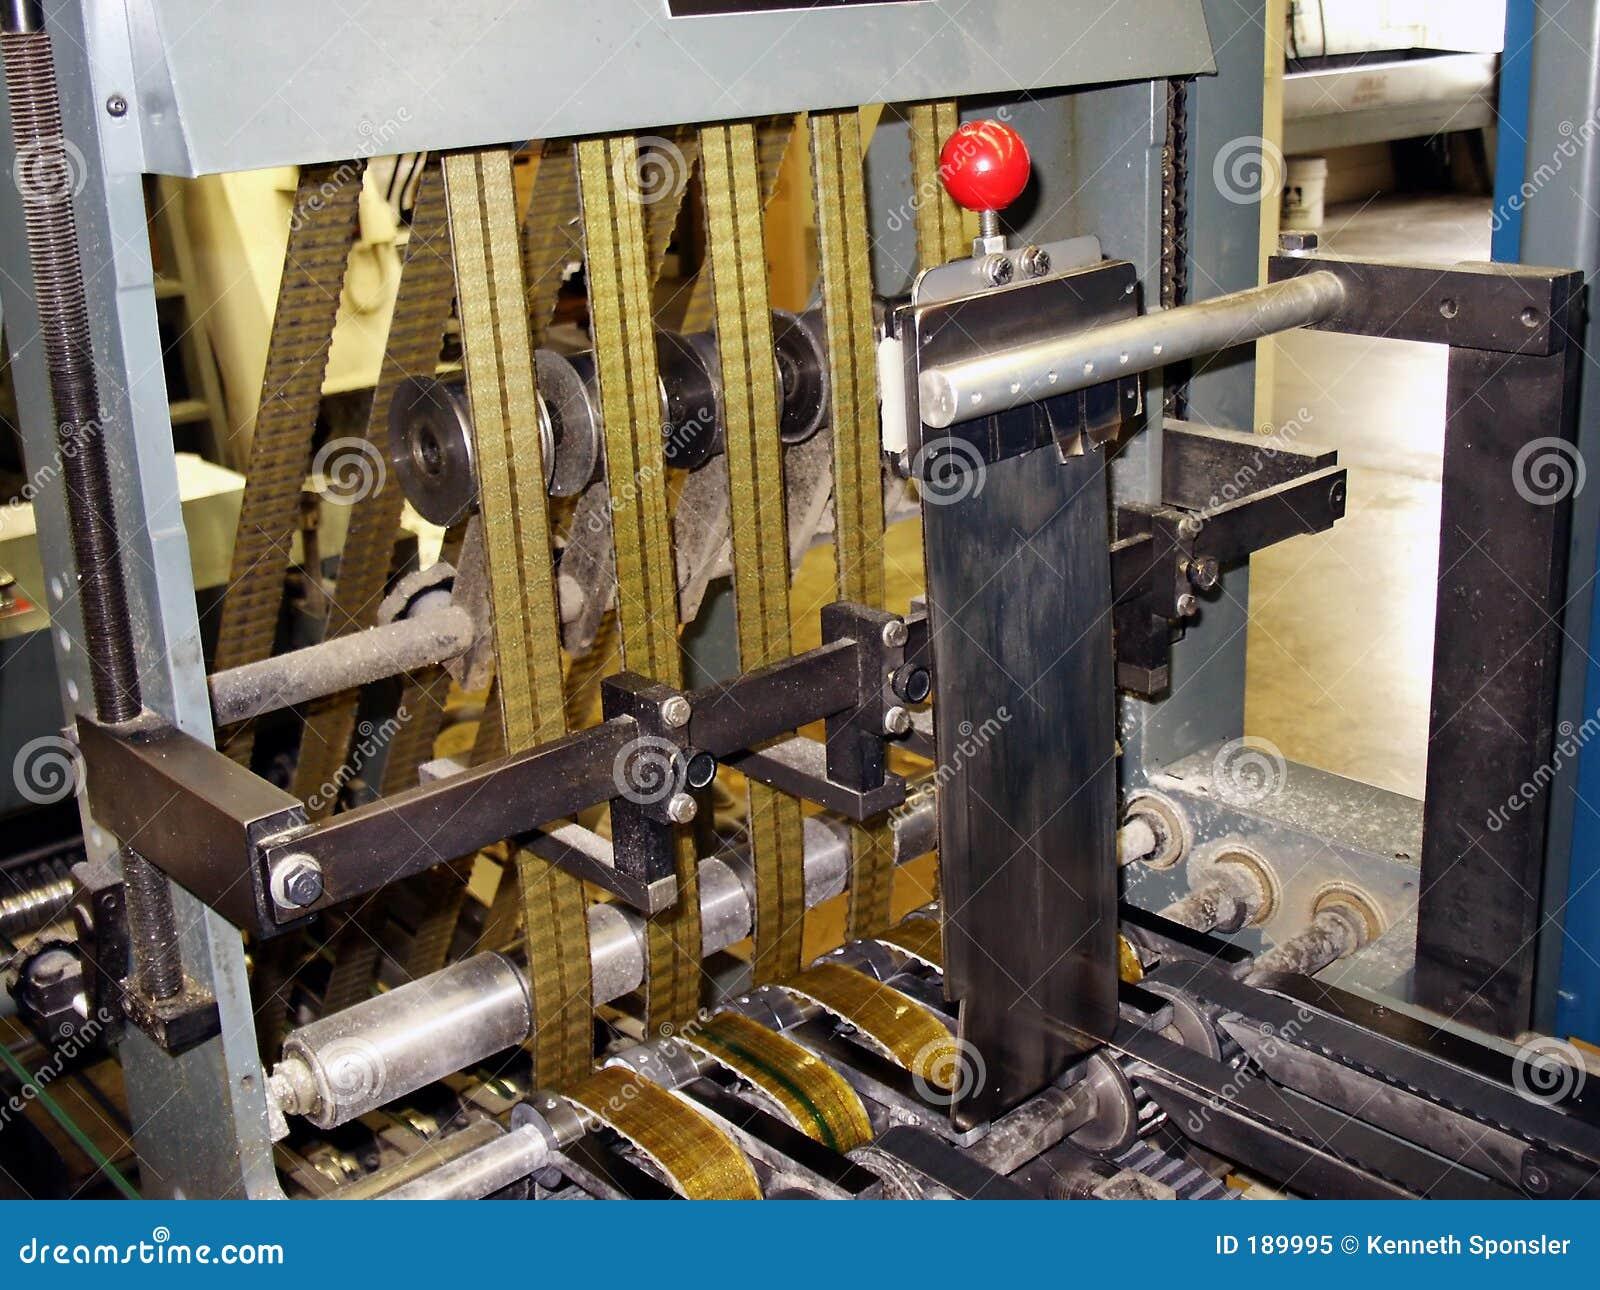 Download 切割工新闻页 库存图片. 图片 包括有 行业, 人工, 白海豚, 金属, 传动机, 发布, 切割工, 打印, 新闻 - 189995